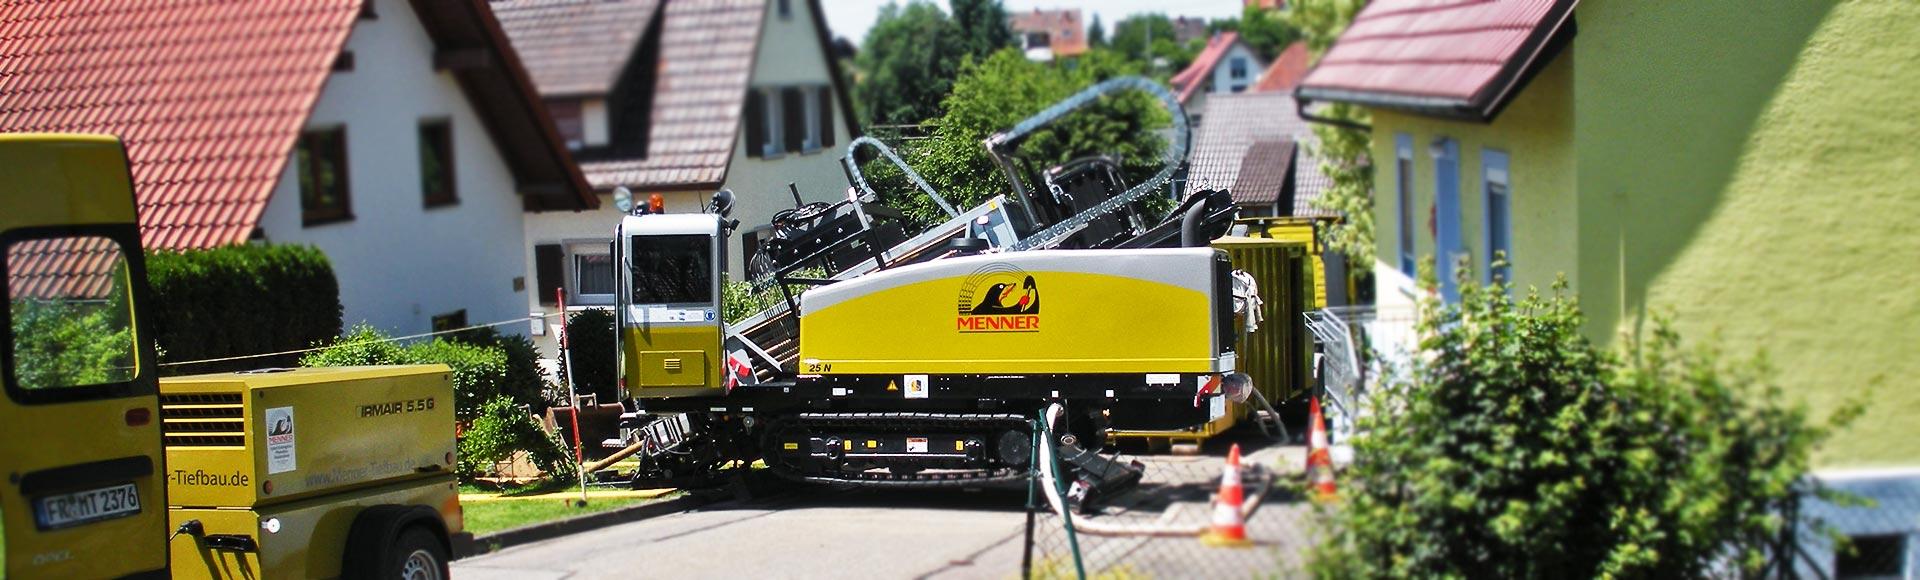 Menner Tiefbau Breisach Spülbohrer Spülbohrung